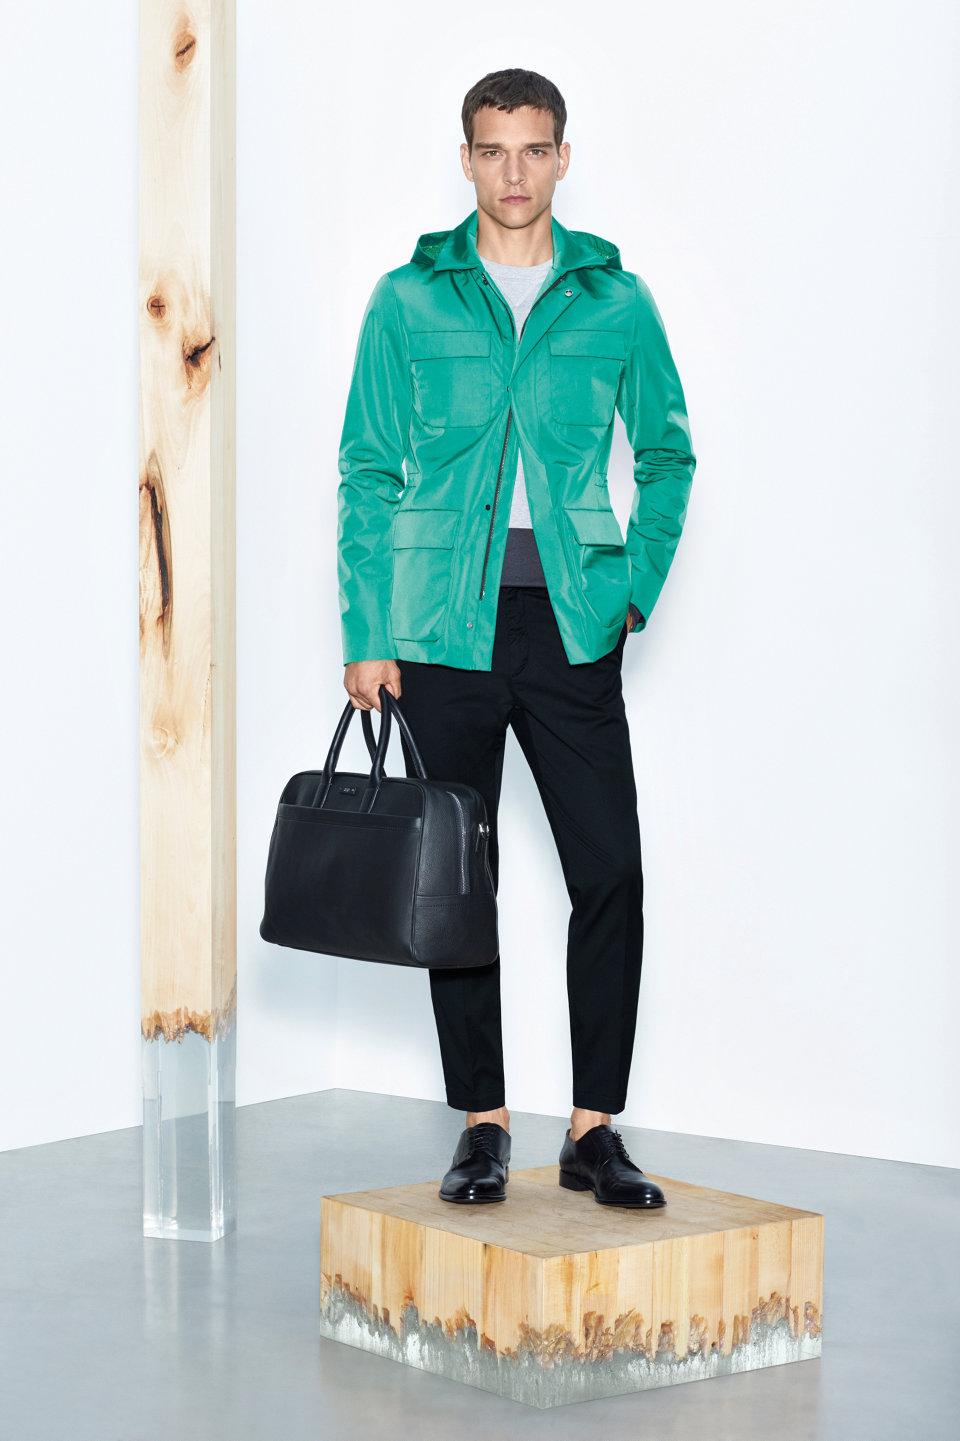 Groene jas, zwarte broek en zwarte leren tasvanBOSS